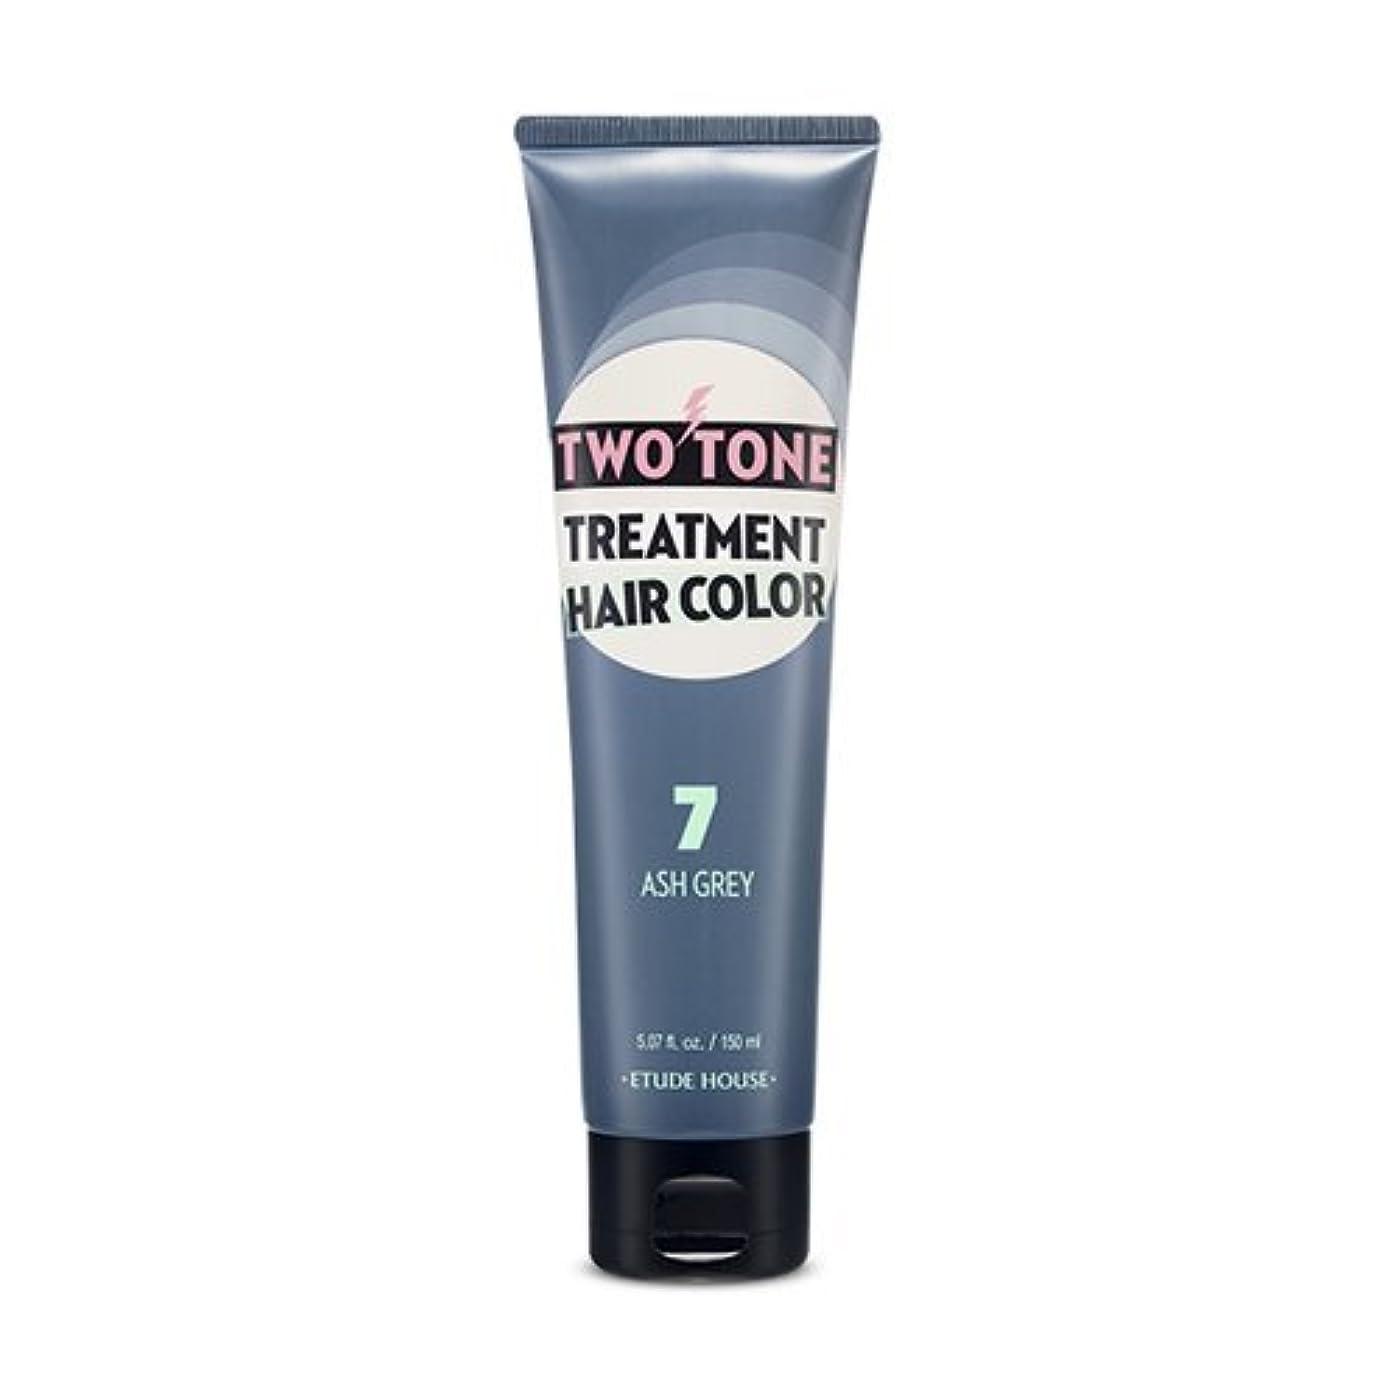 説明的ボイド警告するETUDE HOUSE Two Tone Treatment Hair Color 7.ASH GREY/エチュードハウス ツートントリートメントヘアカラー150ml [並行輸入品]